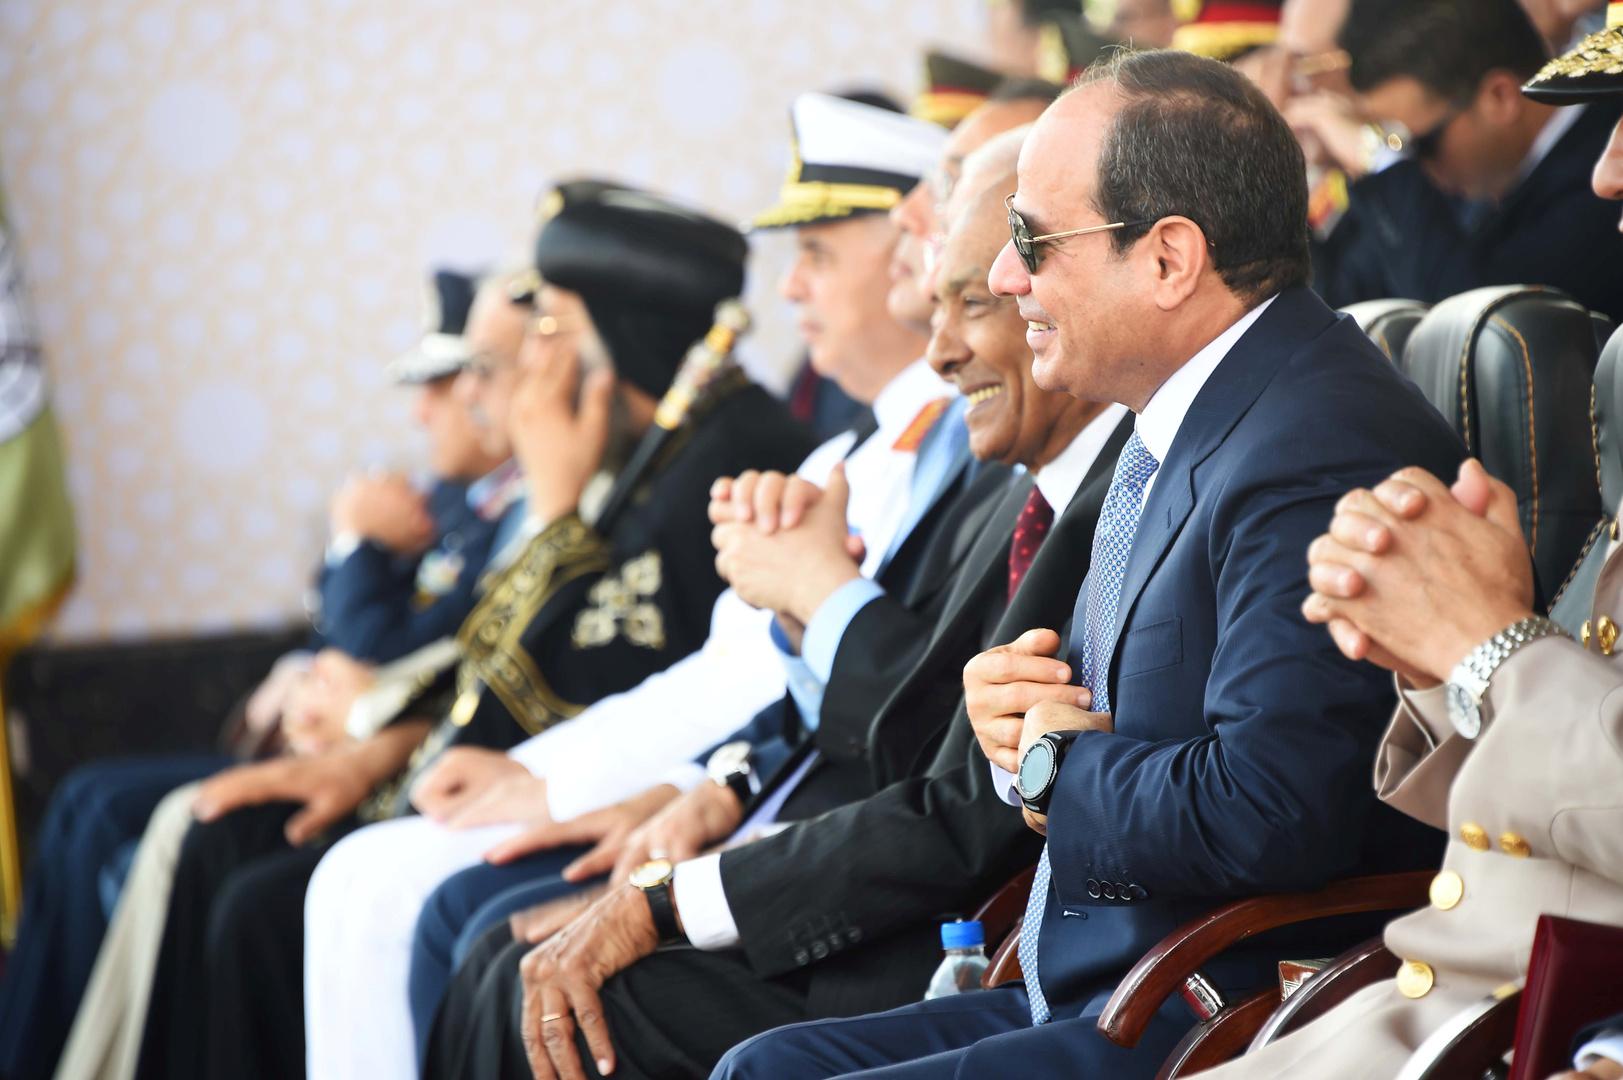 السودان.. مطالب لوضع رؤية واضحة للعلاقات مع مصر